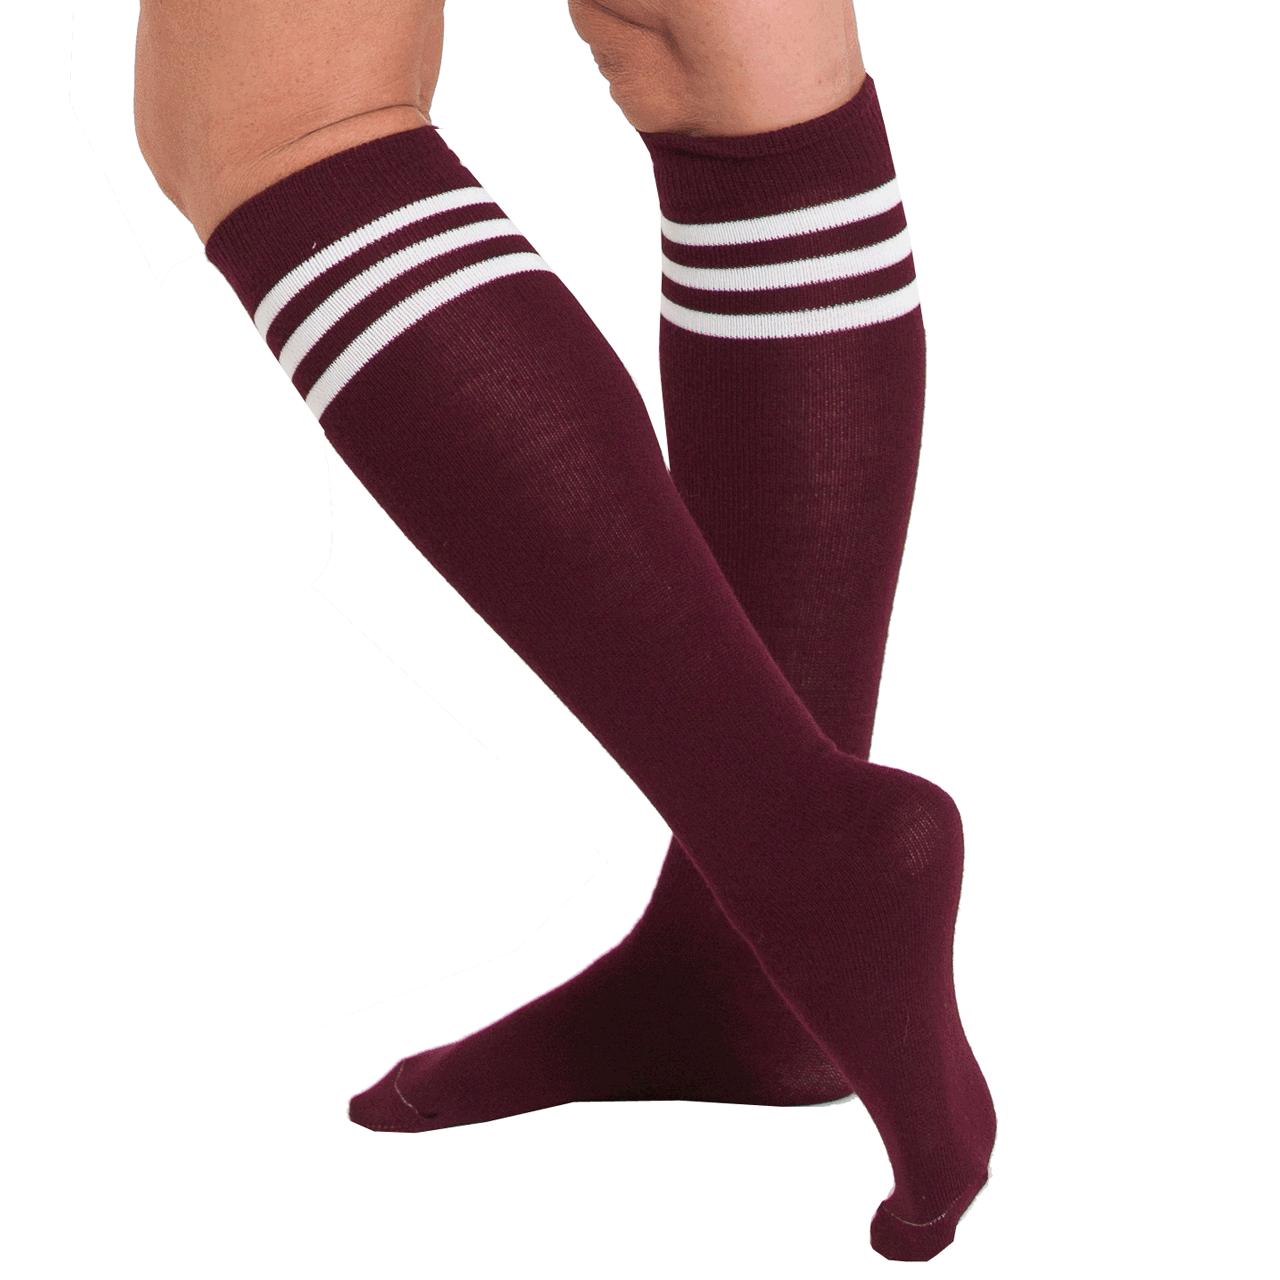 Maroon tube socks